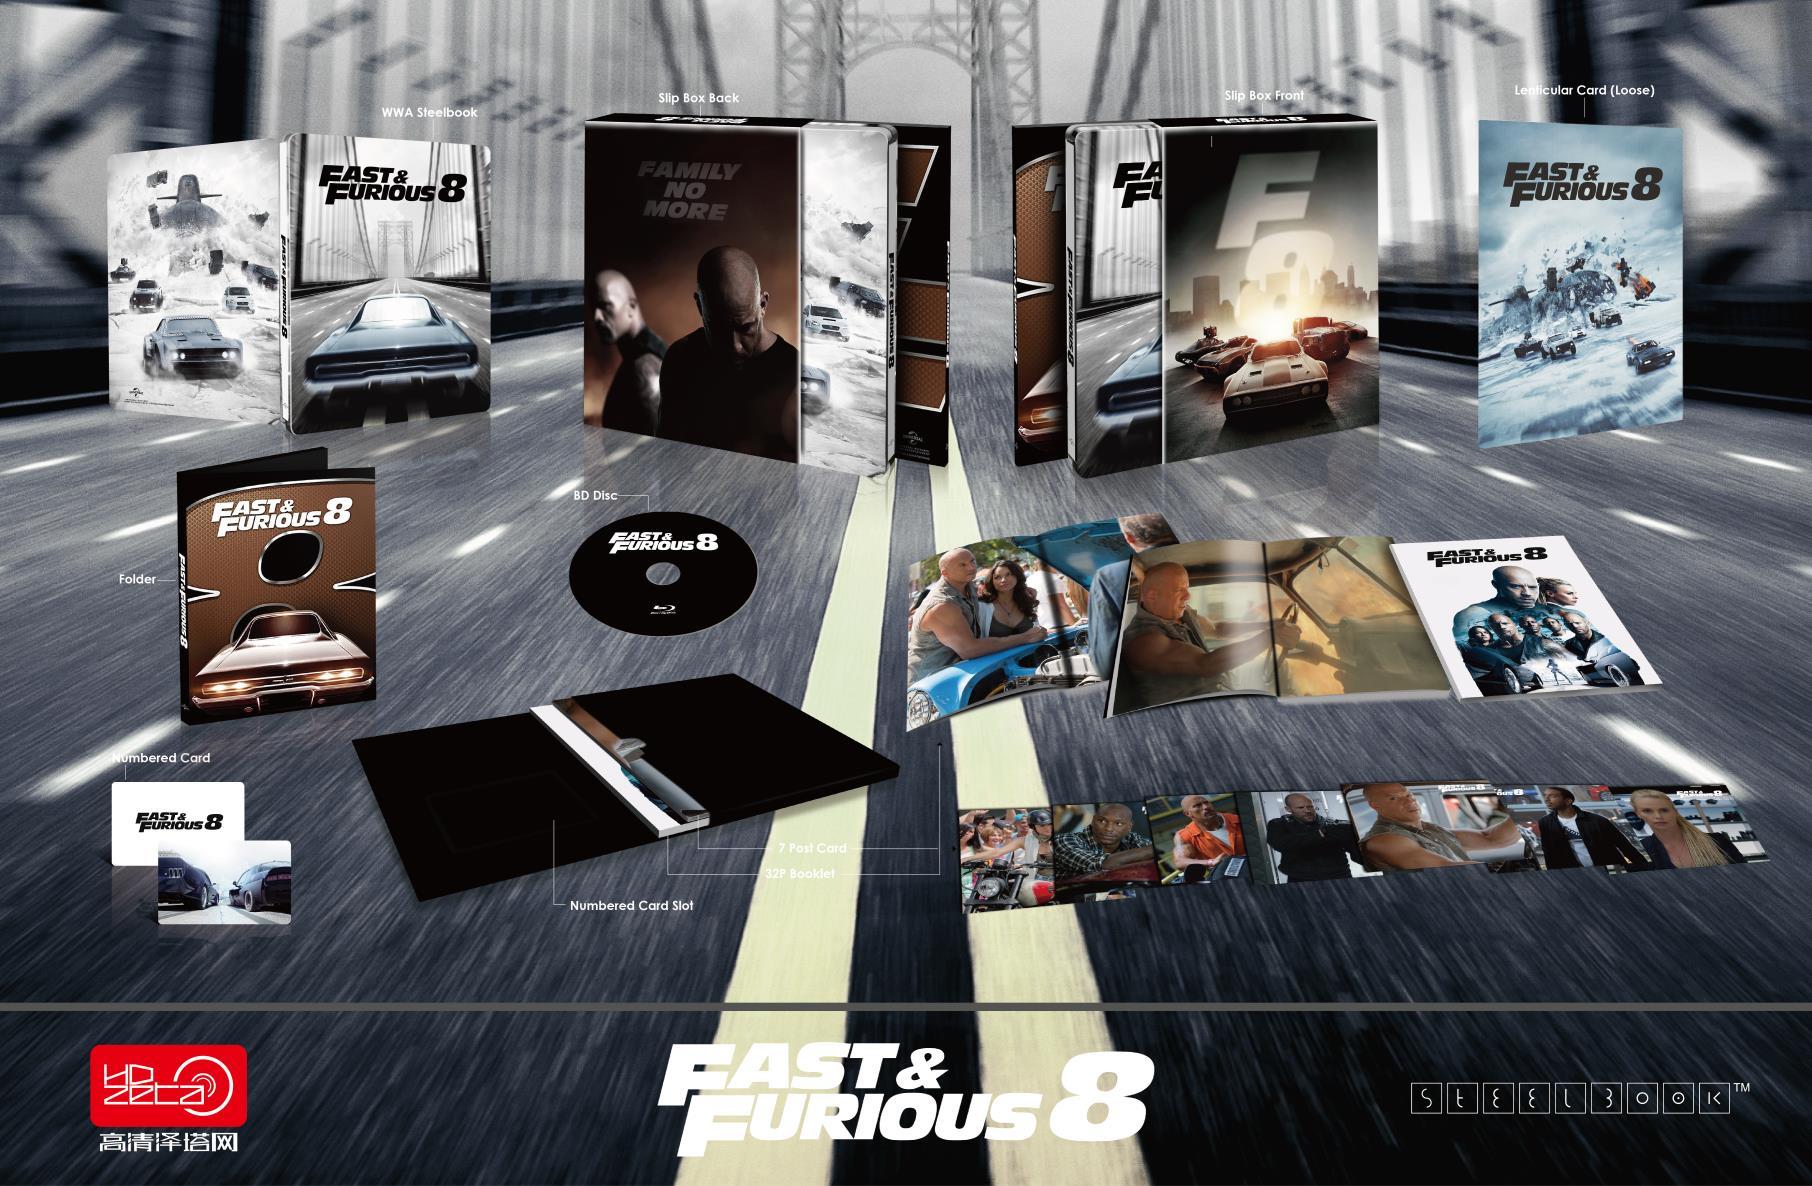 ワイルド・スピード ICE BREAK Fast & Furious 8 HDzeta Silver Label Special Edition スチールブック steelbook